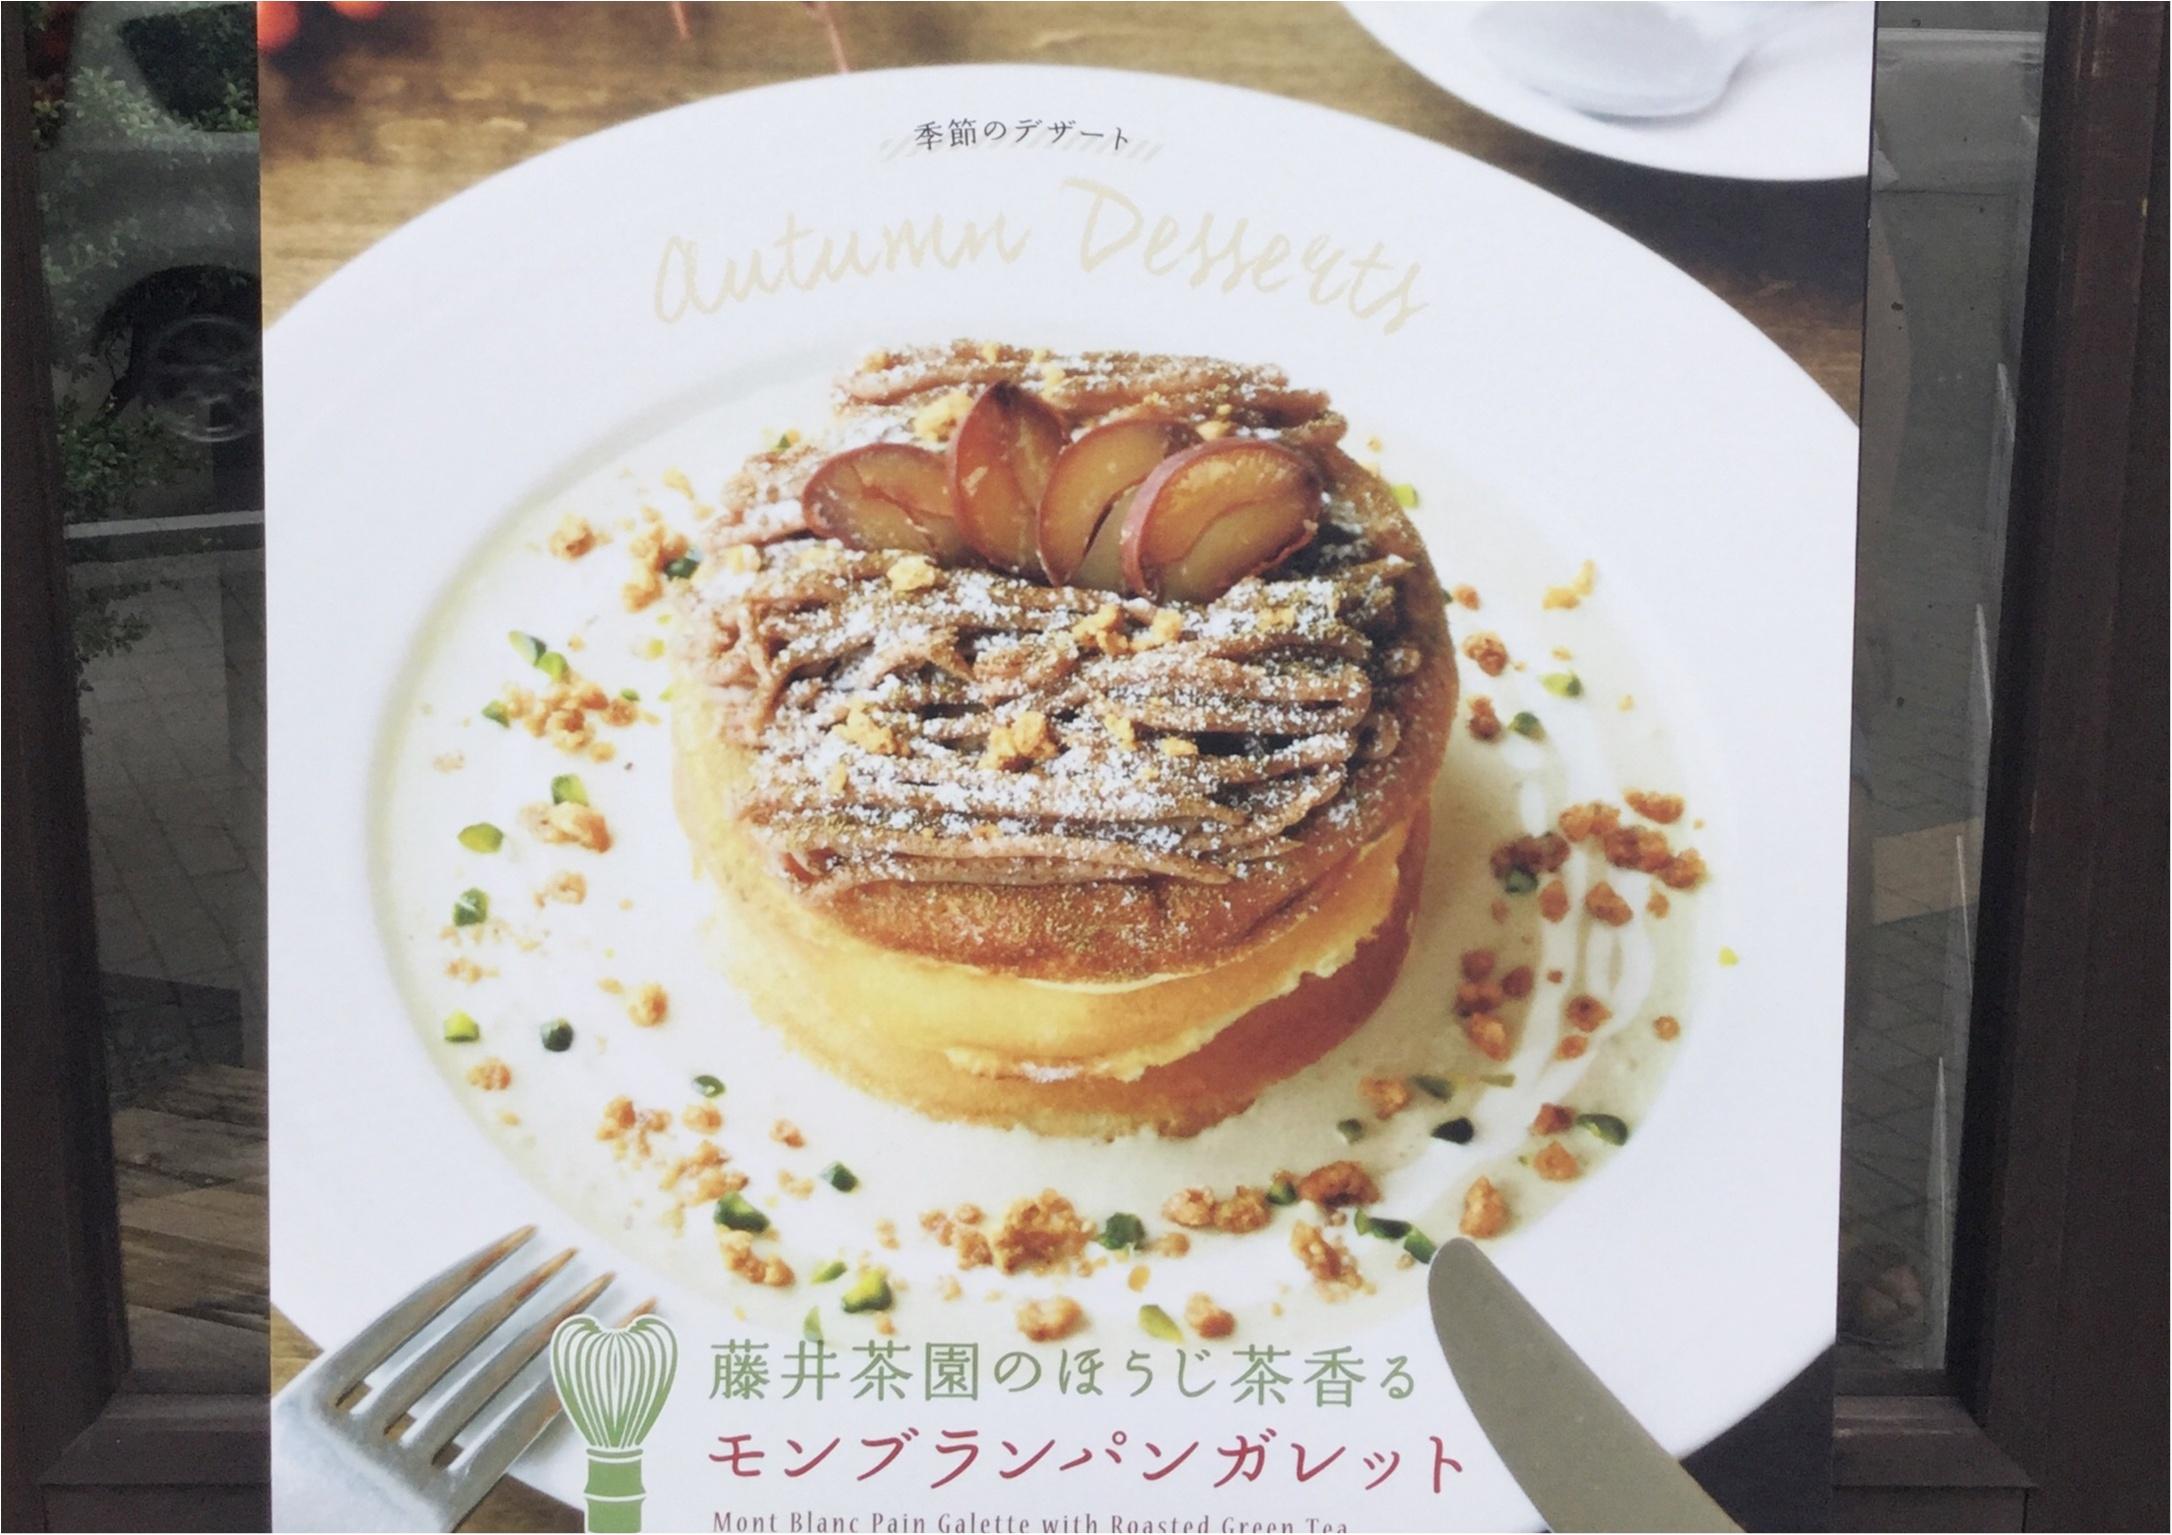 【人気No. 1カフェ】広島で最も人気なカフェ「43(キャラントトロワ)」パンガレットを食べながら癒しタイムを過ごしませんか?_2